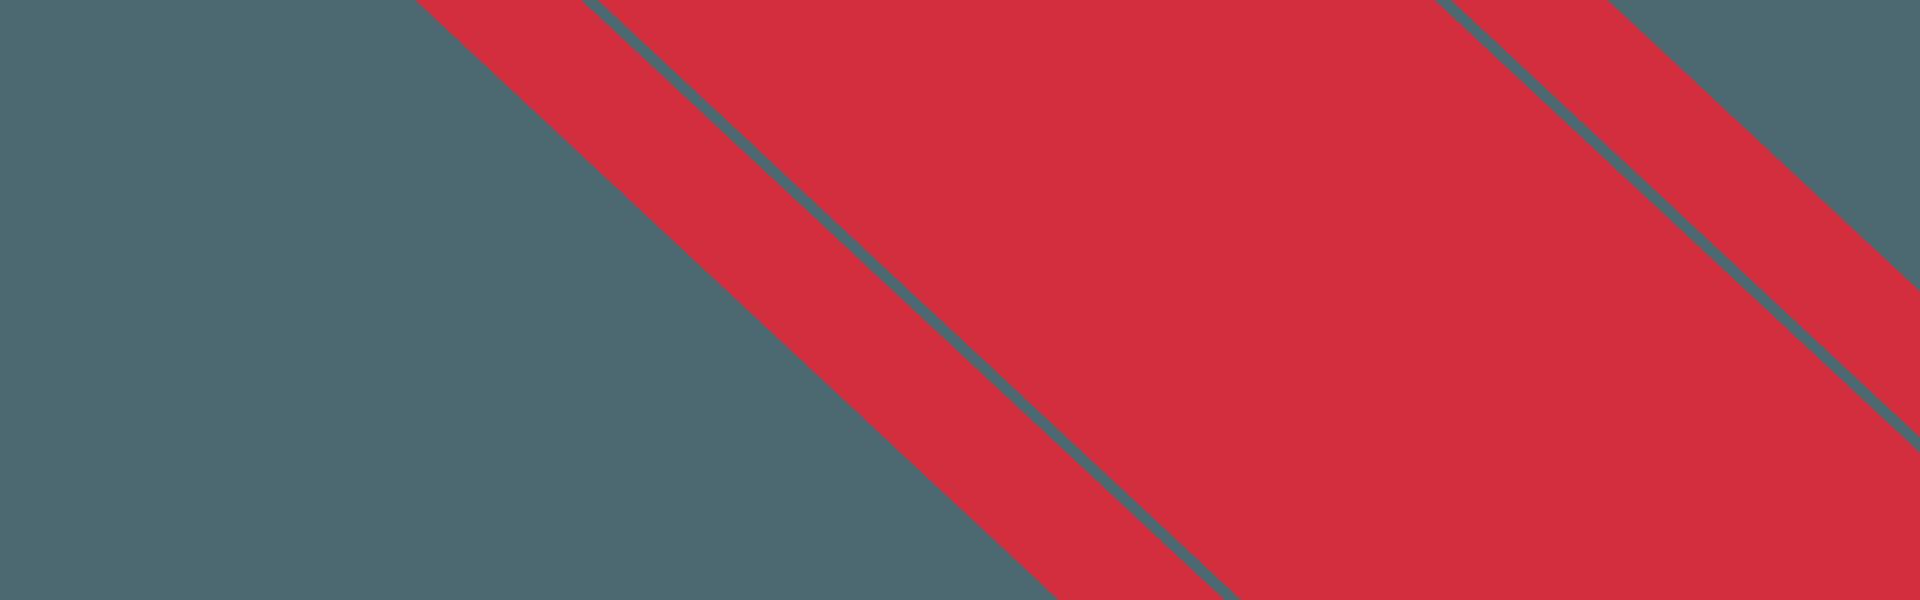 winway resume deluxe 14 bittorrent freeware download winway